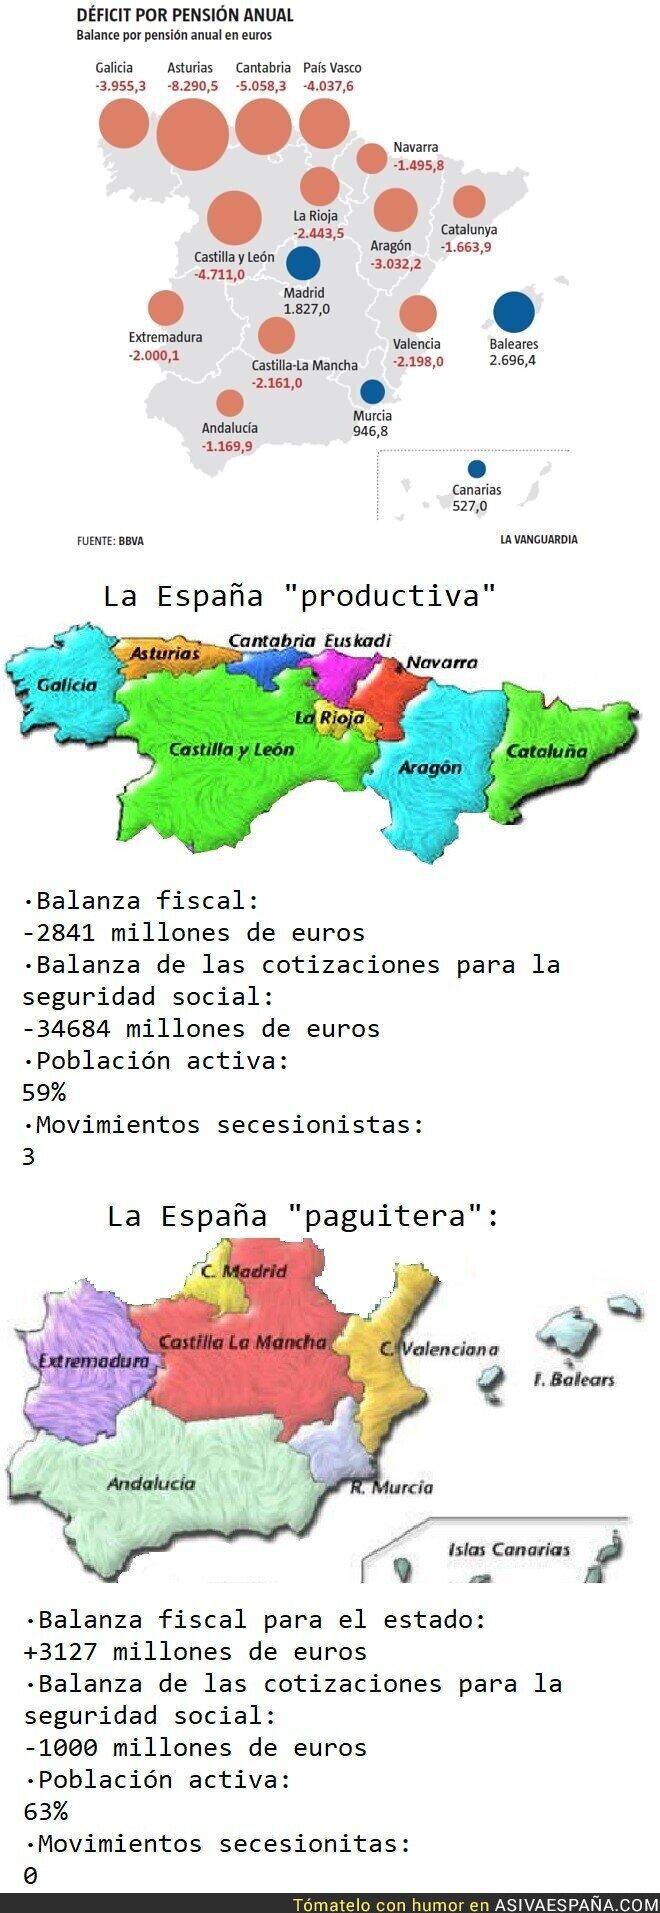 283642 - La España productiva y la España paguitera